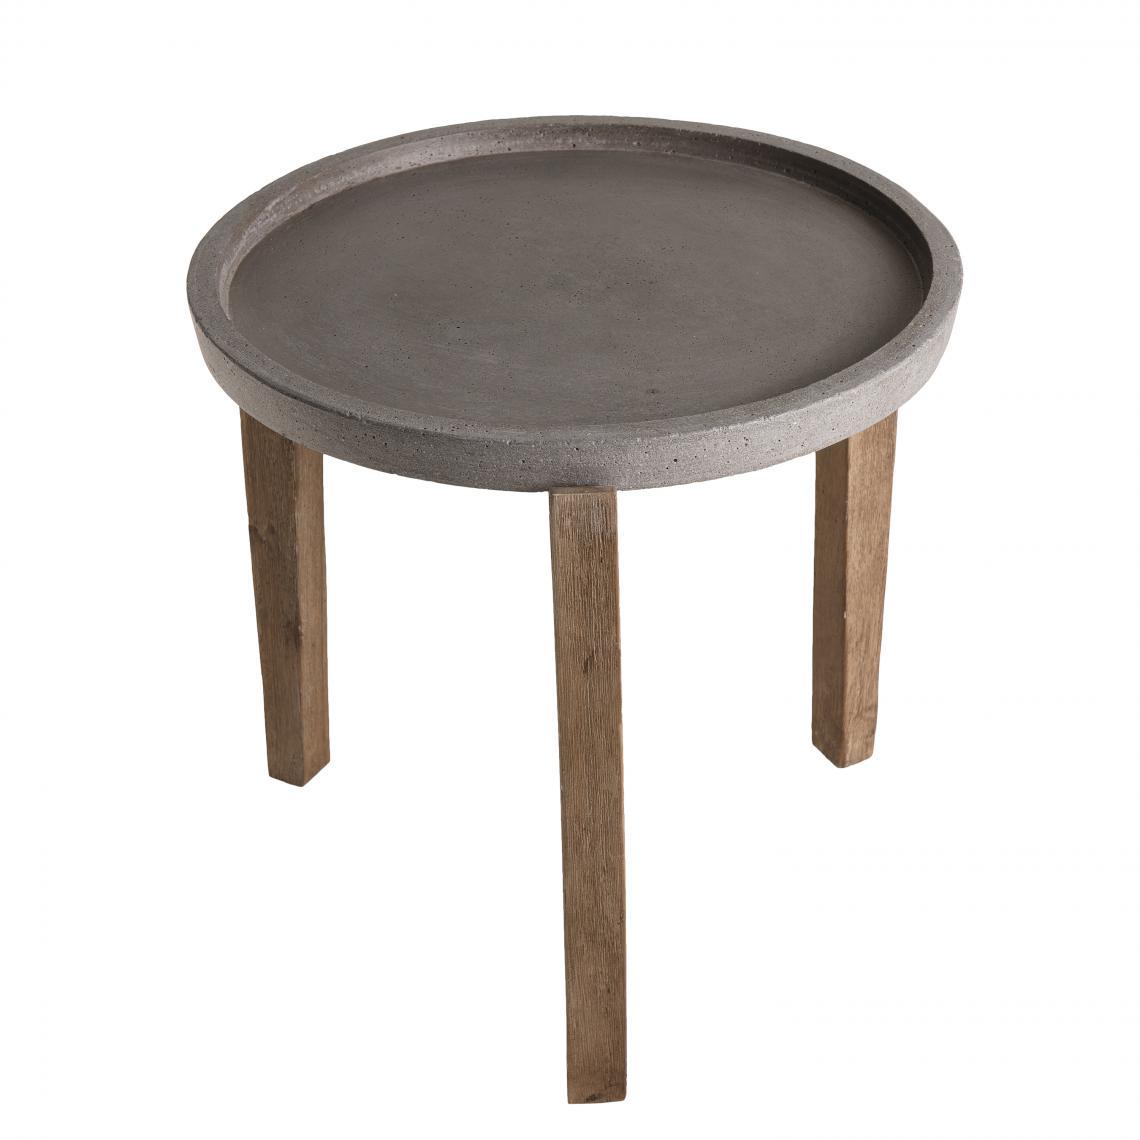 table d appoint de jardin ronde beton 50x50 cm pieds en bois acacia